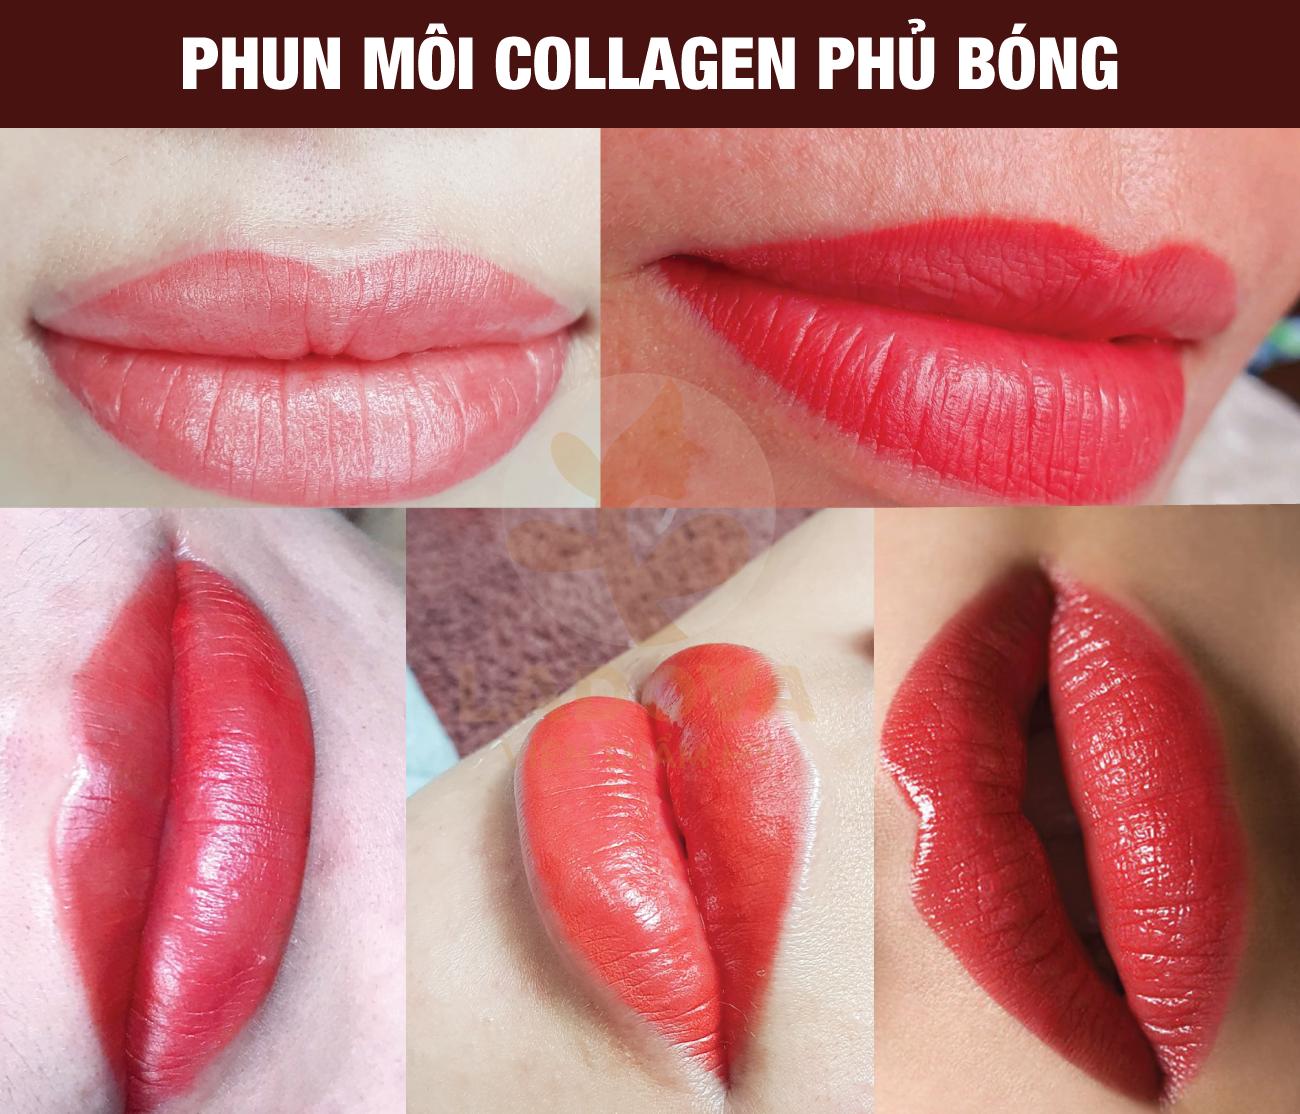 phun-moi-collagen-phu-bong